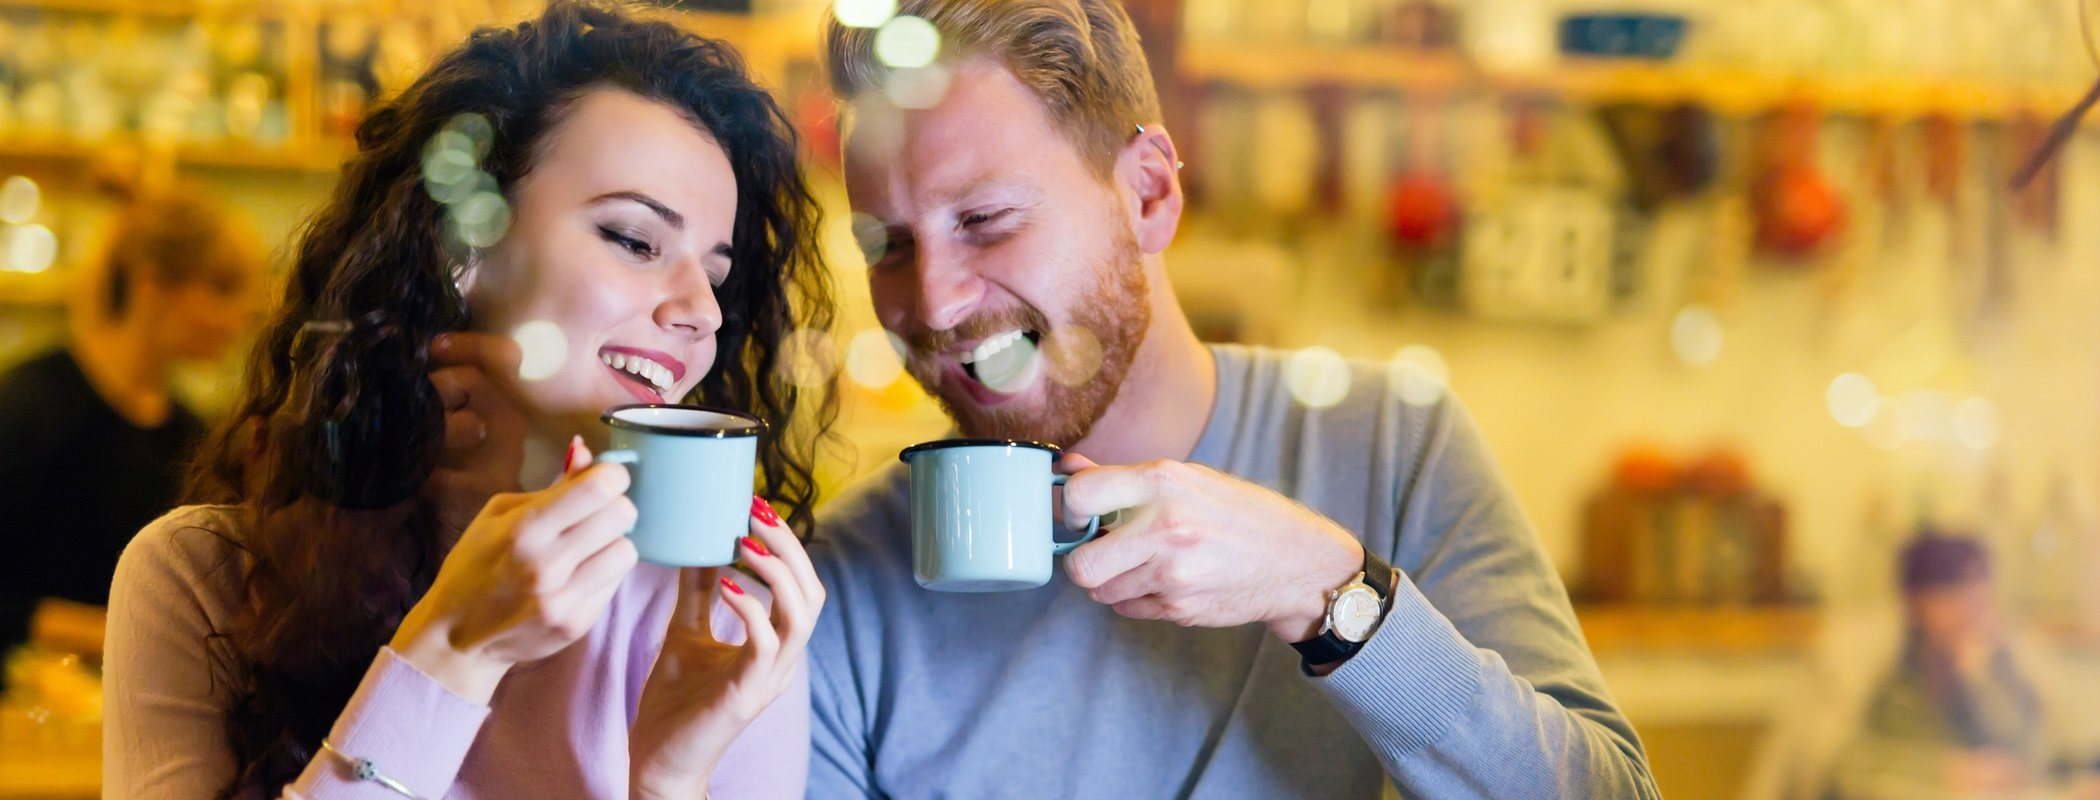 Cinco consejos para superar con éxito una cita a ciegas